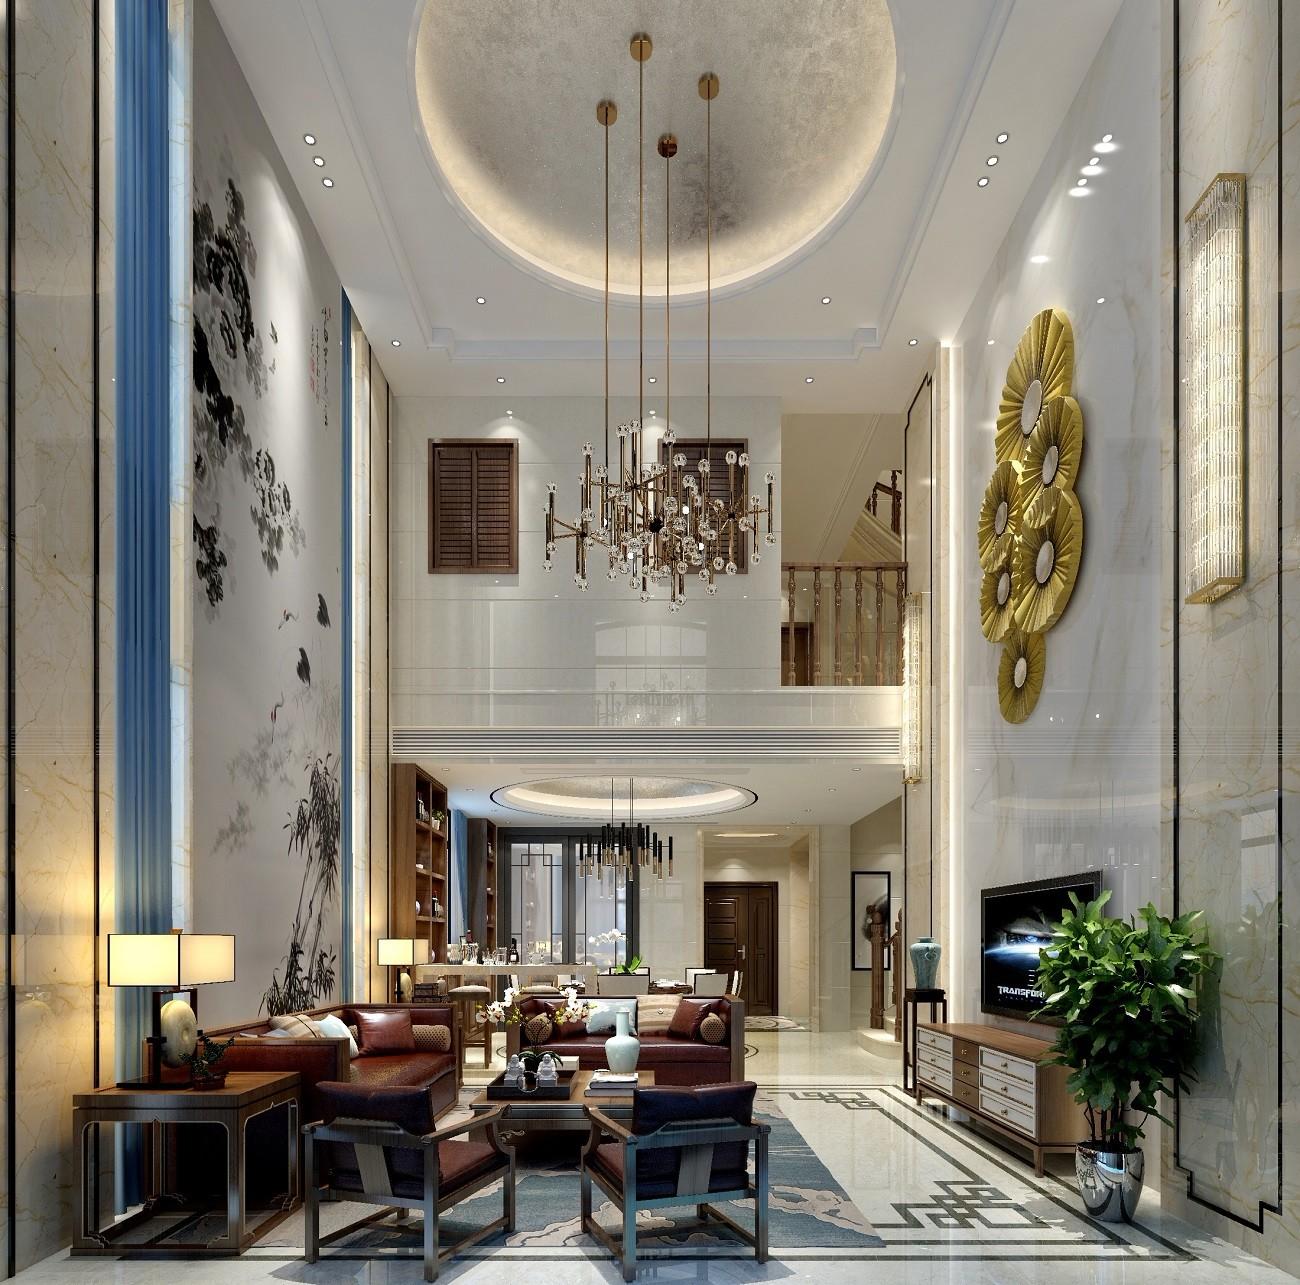 2020簡中300平米以上裝修效果圖片 2020簡中別墅裝飾設計